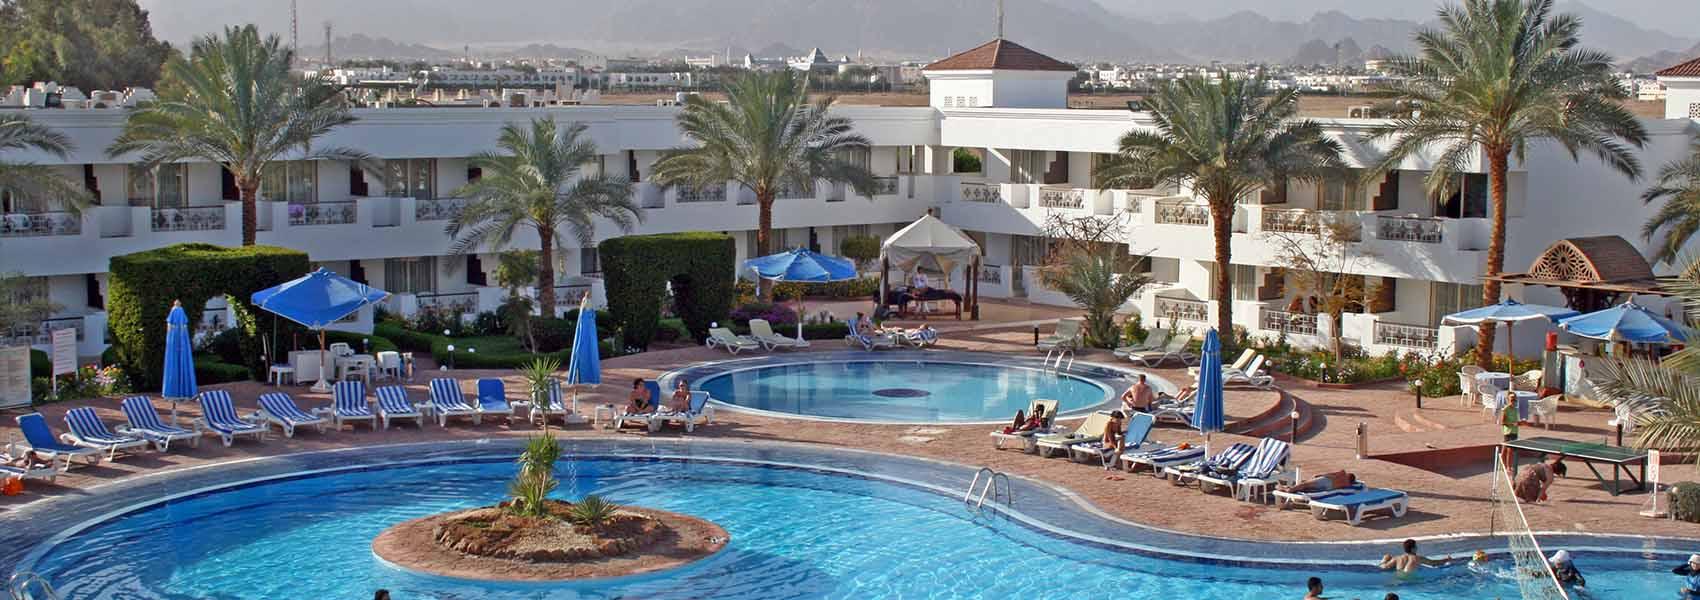 Viva Sharm image1